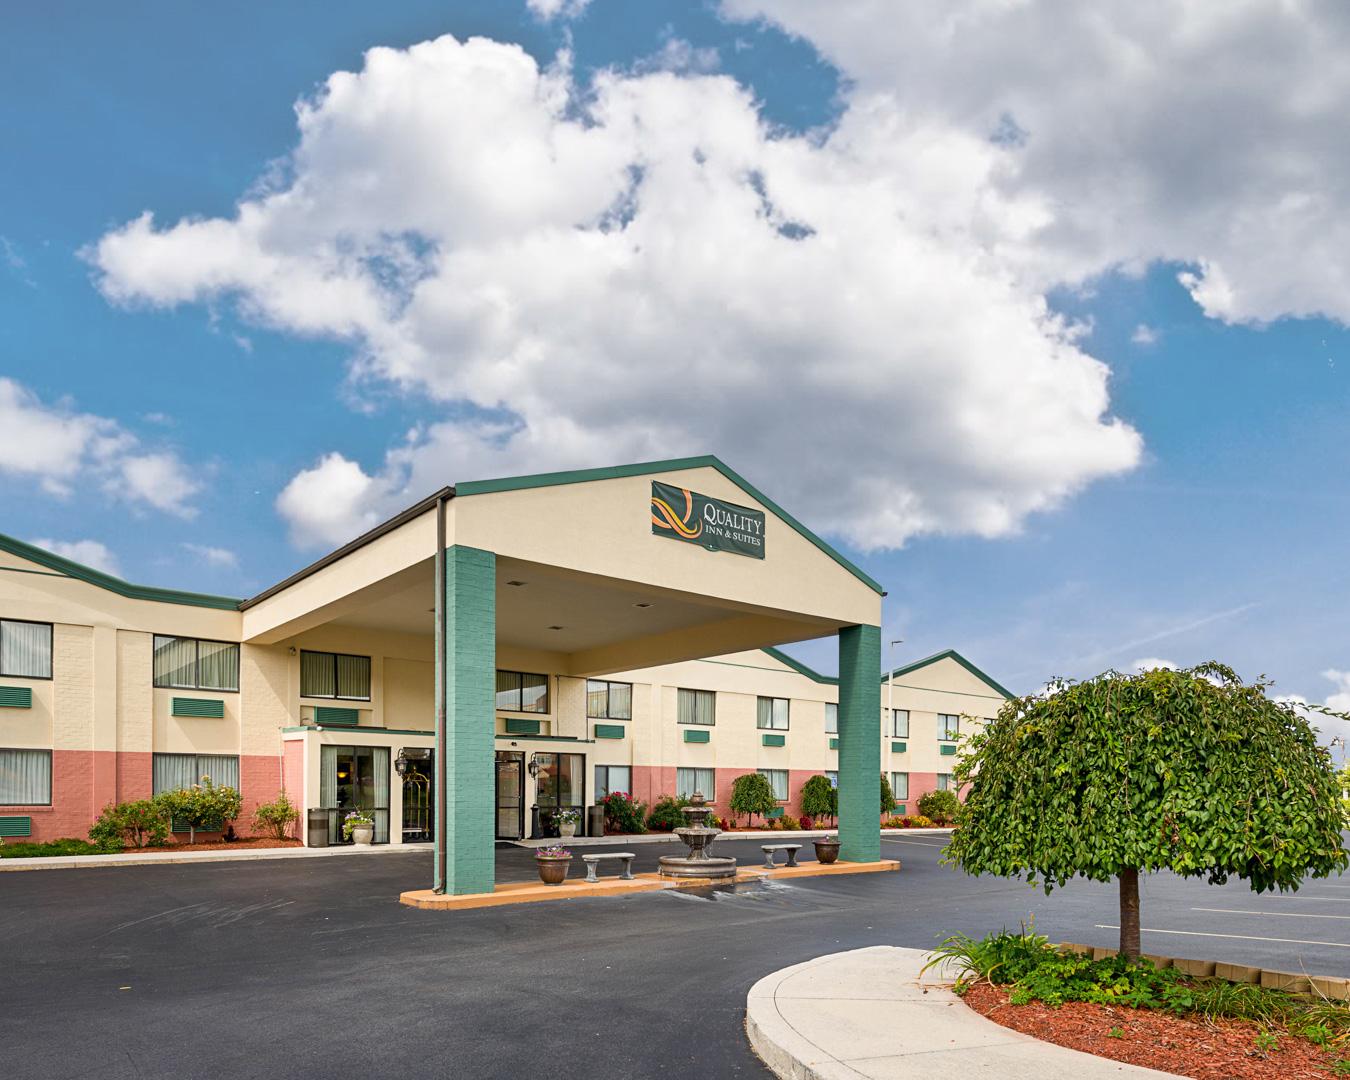 Quality Inn & Suites in Gettysburg, PA - (717) 337-2...